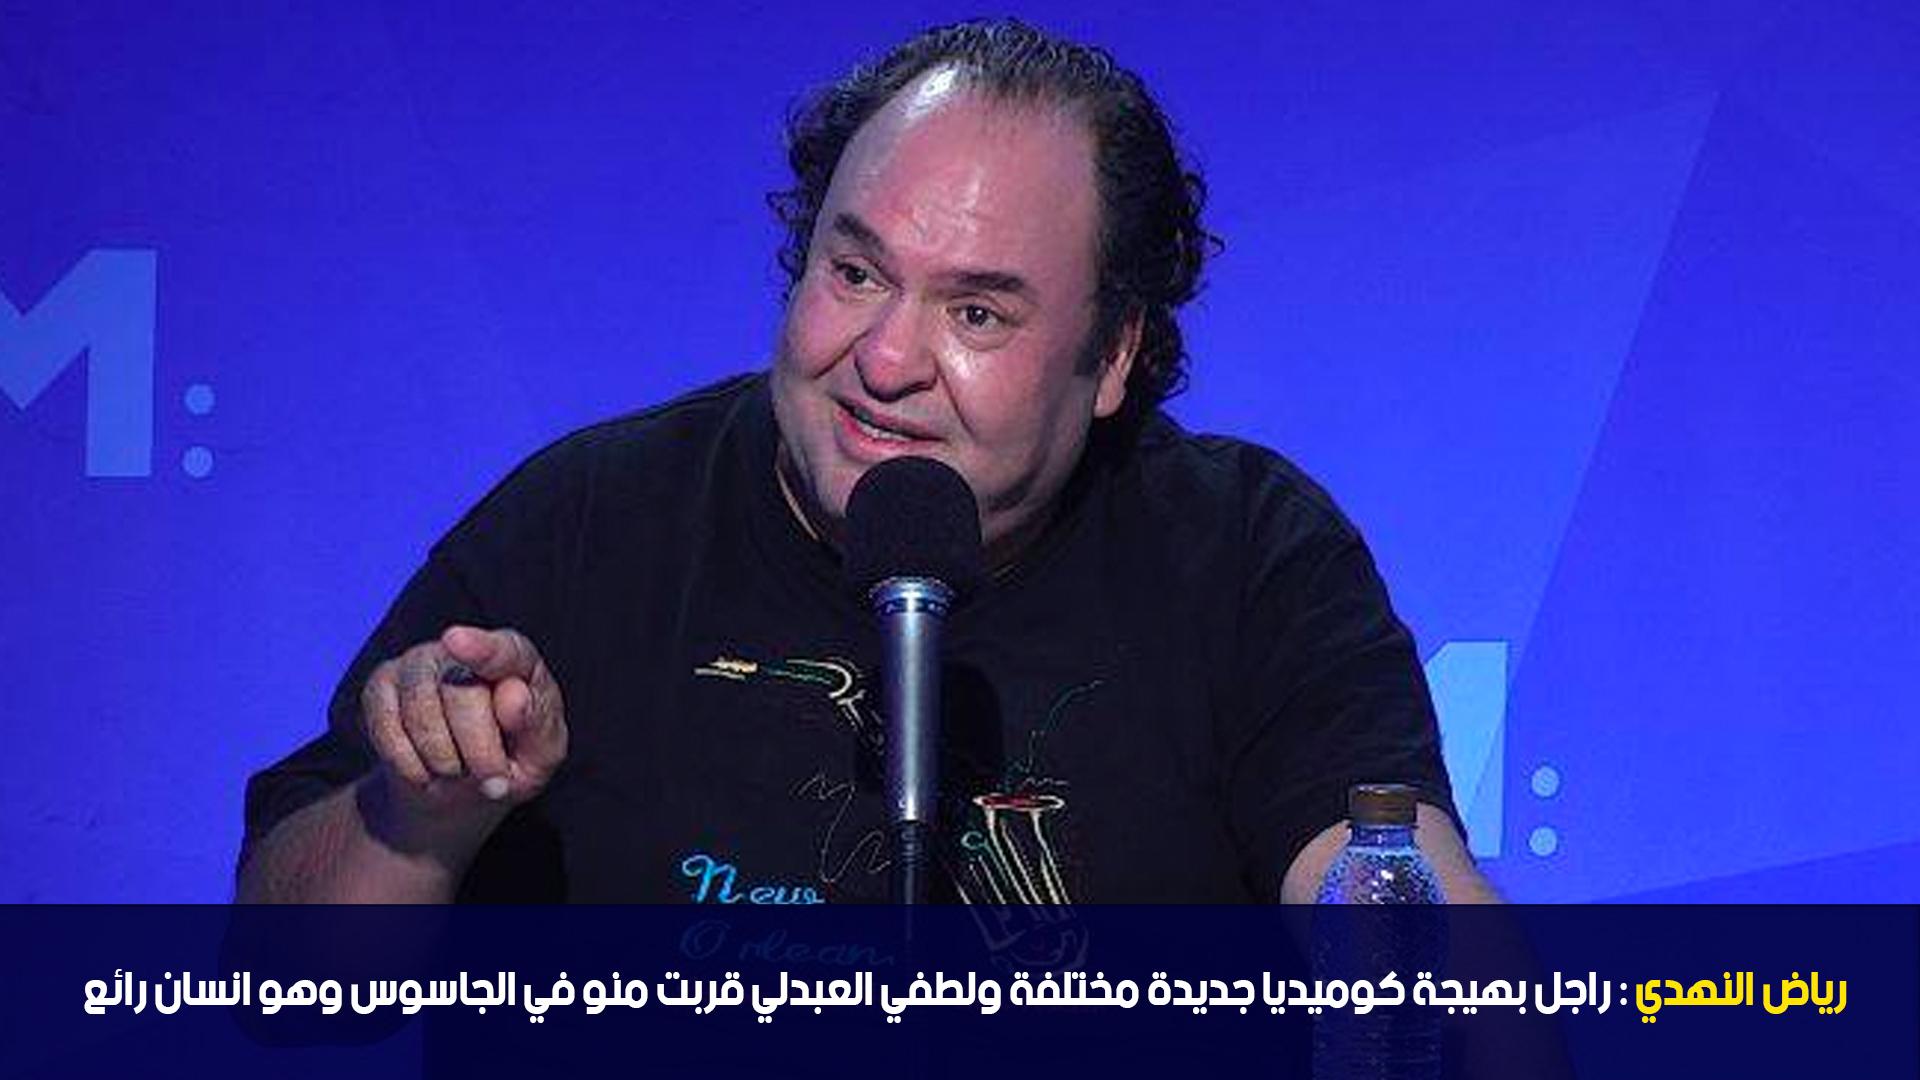 رياض النهدي :راجل بهيجة كوميديا جديدة مختلفة ولطفي العبدلي قربت منو في الجاسوس وهو انسان رائع